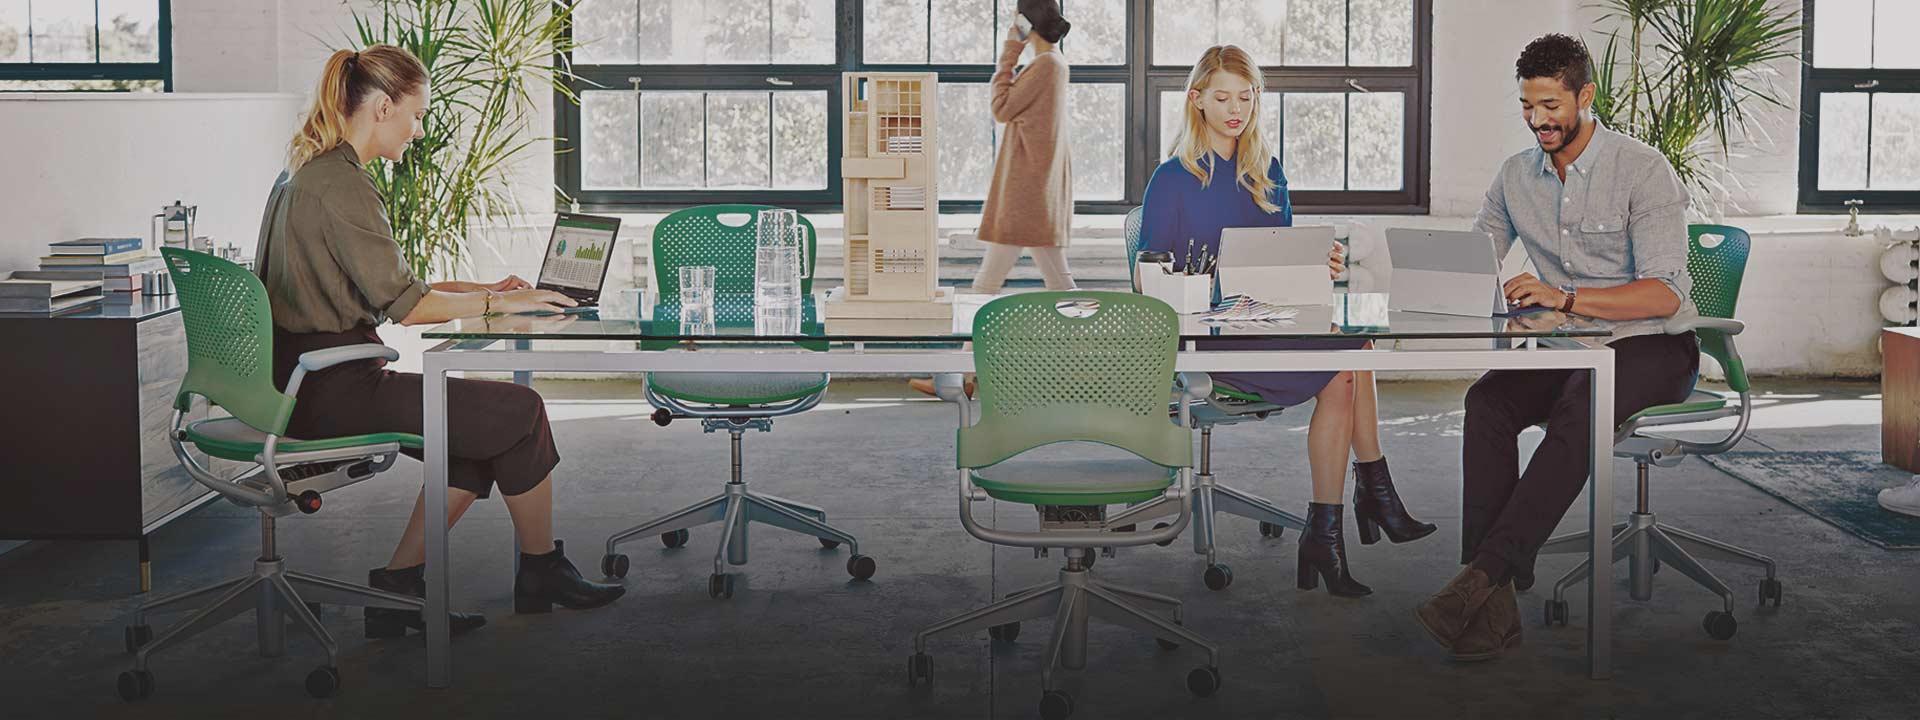 Strādājošie, uzziniet vairāk par Office365